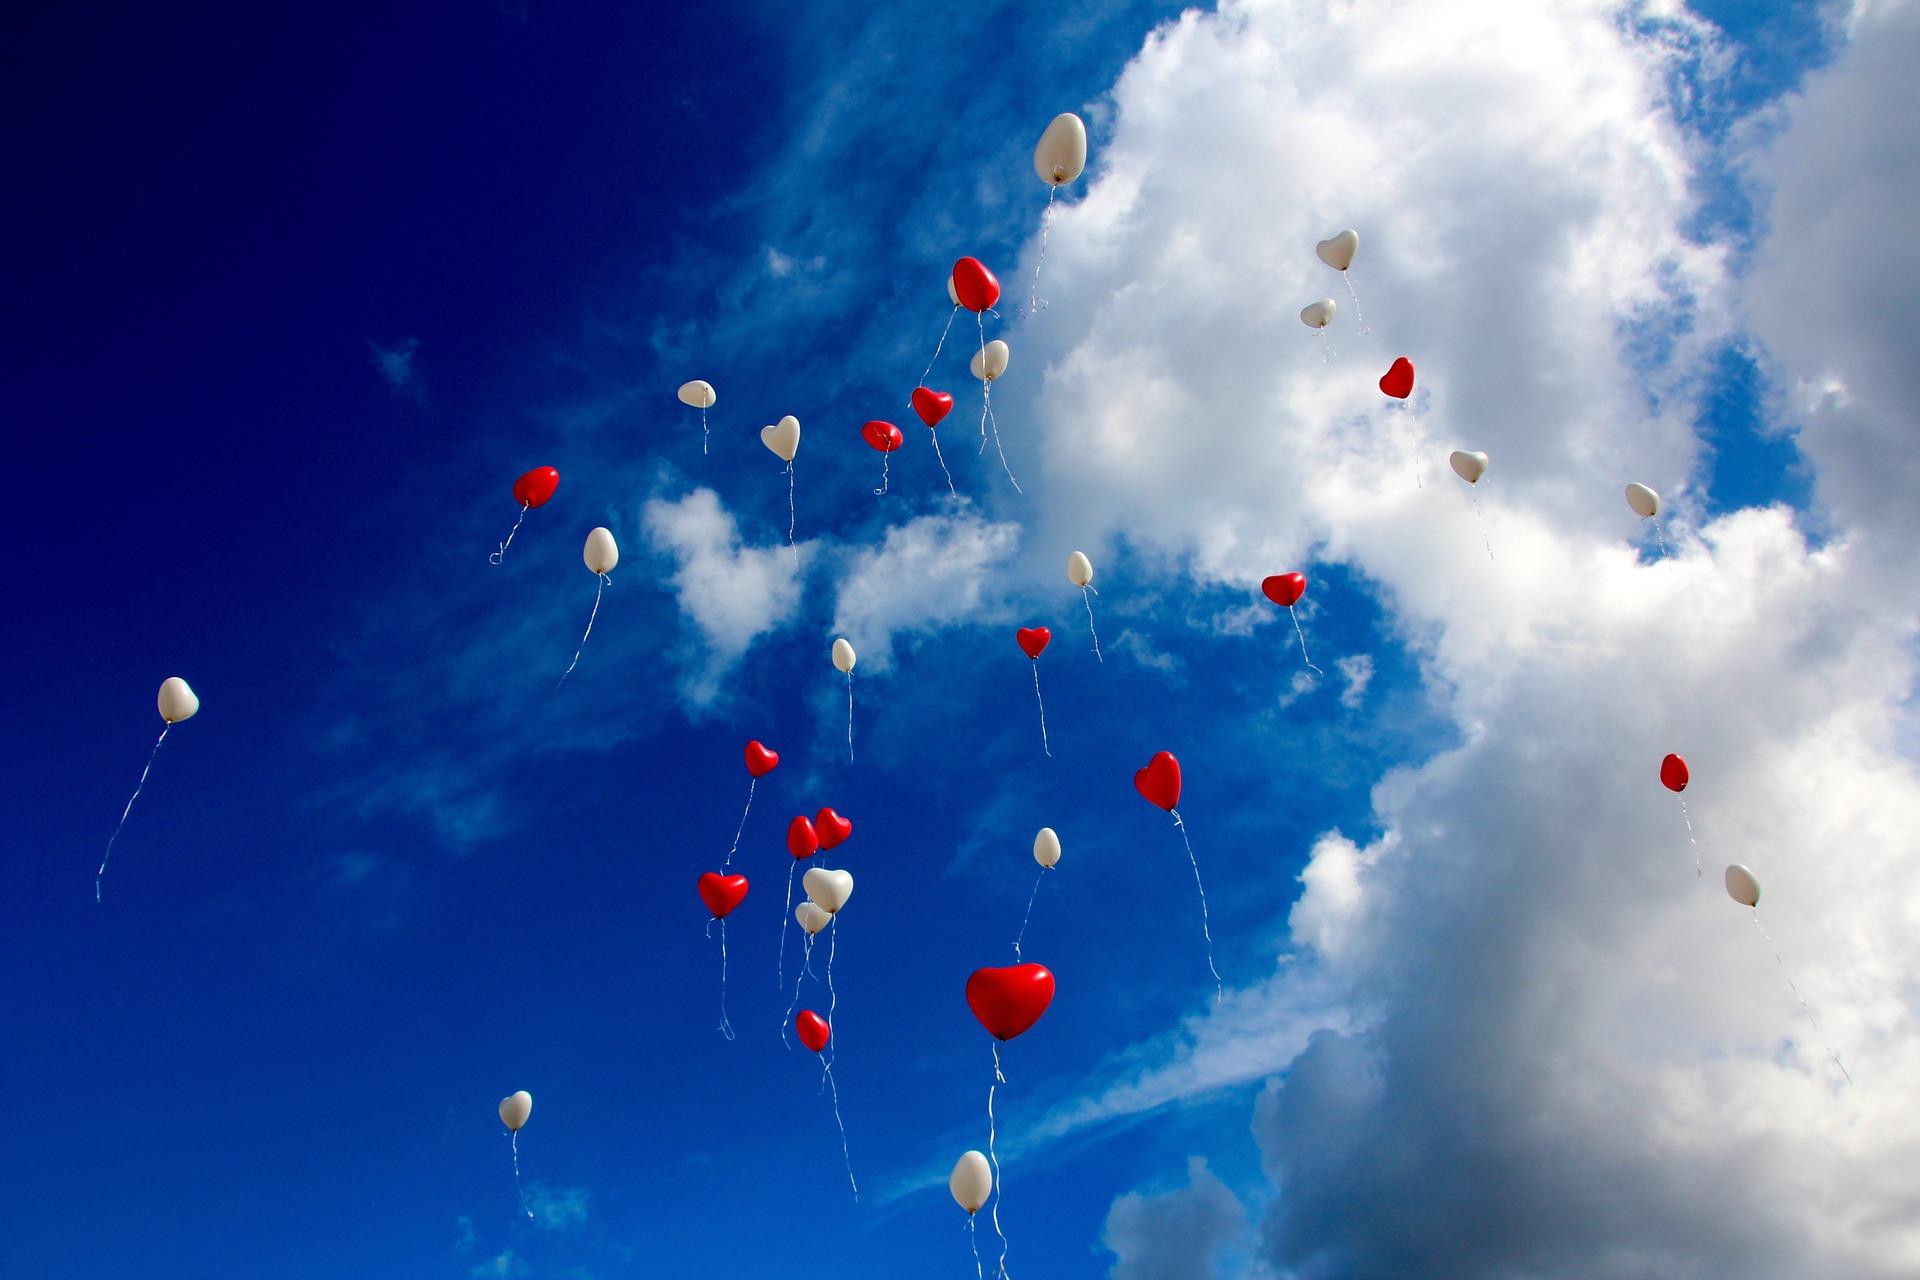 horoscop dragoste - sfatulparintilor.ro - pixabay_com - balloon-1046658_1920